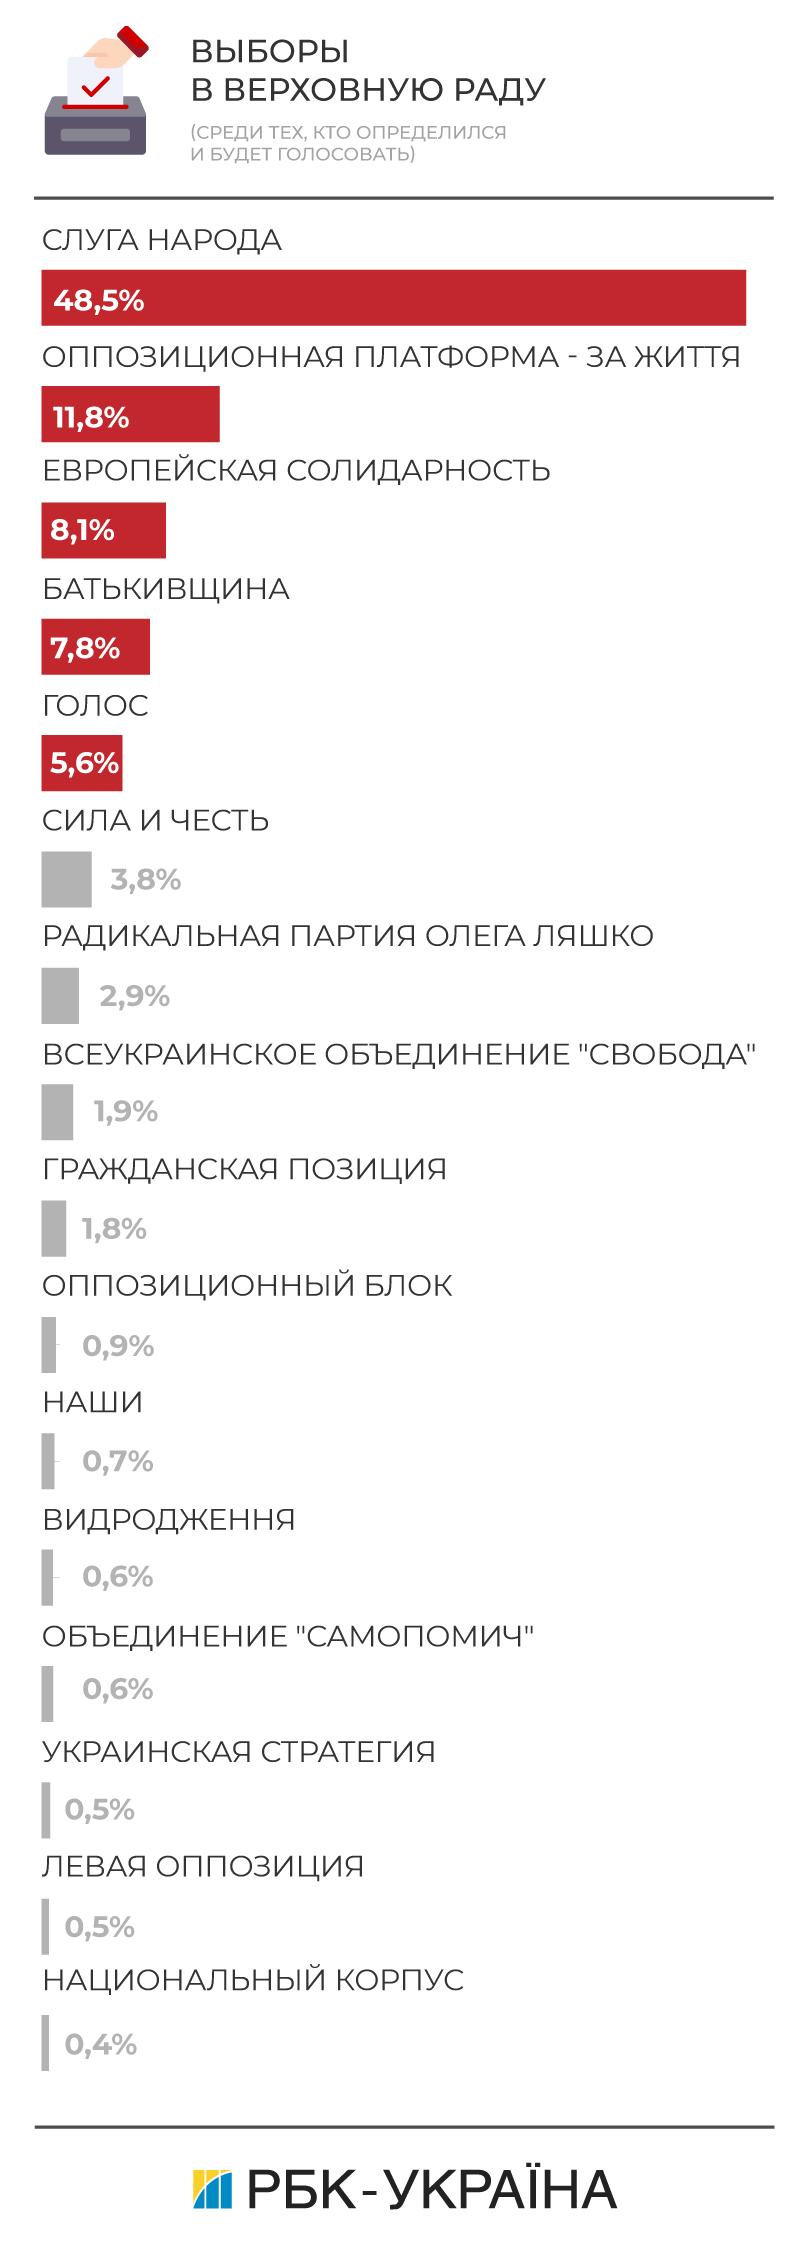 Какие партии проходят в парламент: рейтинг